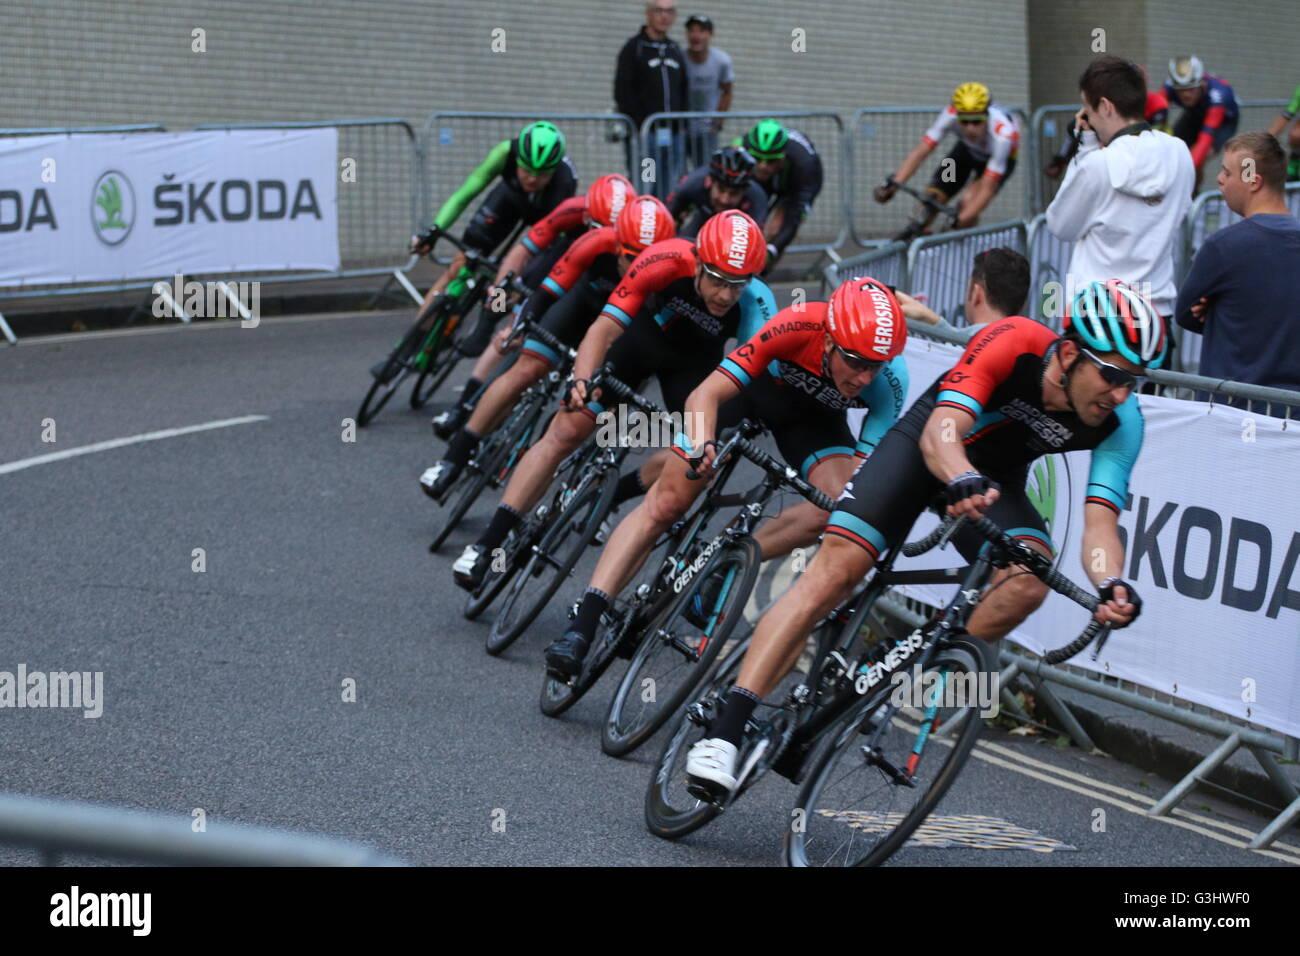 Cycling Team Madison genèse en compétition dans la série Tour de Portsmouth 2016 Critérium Cycle Photo Stock